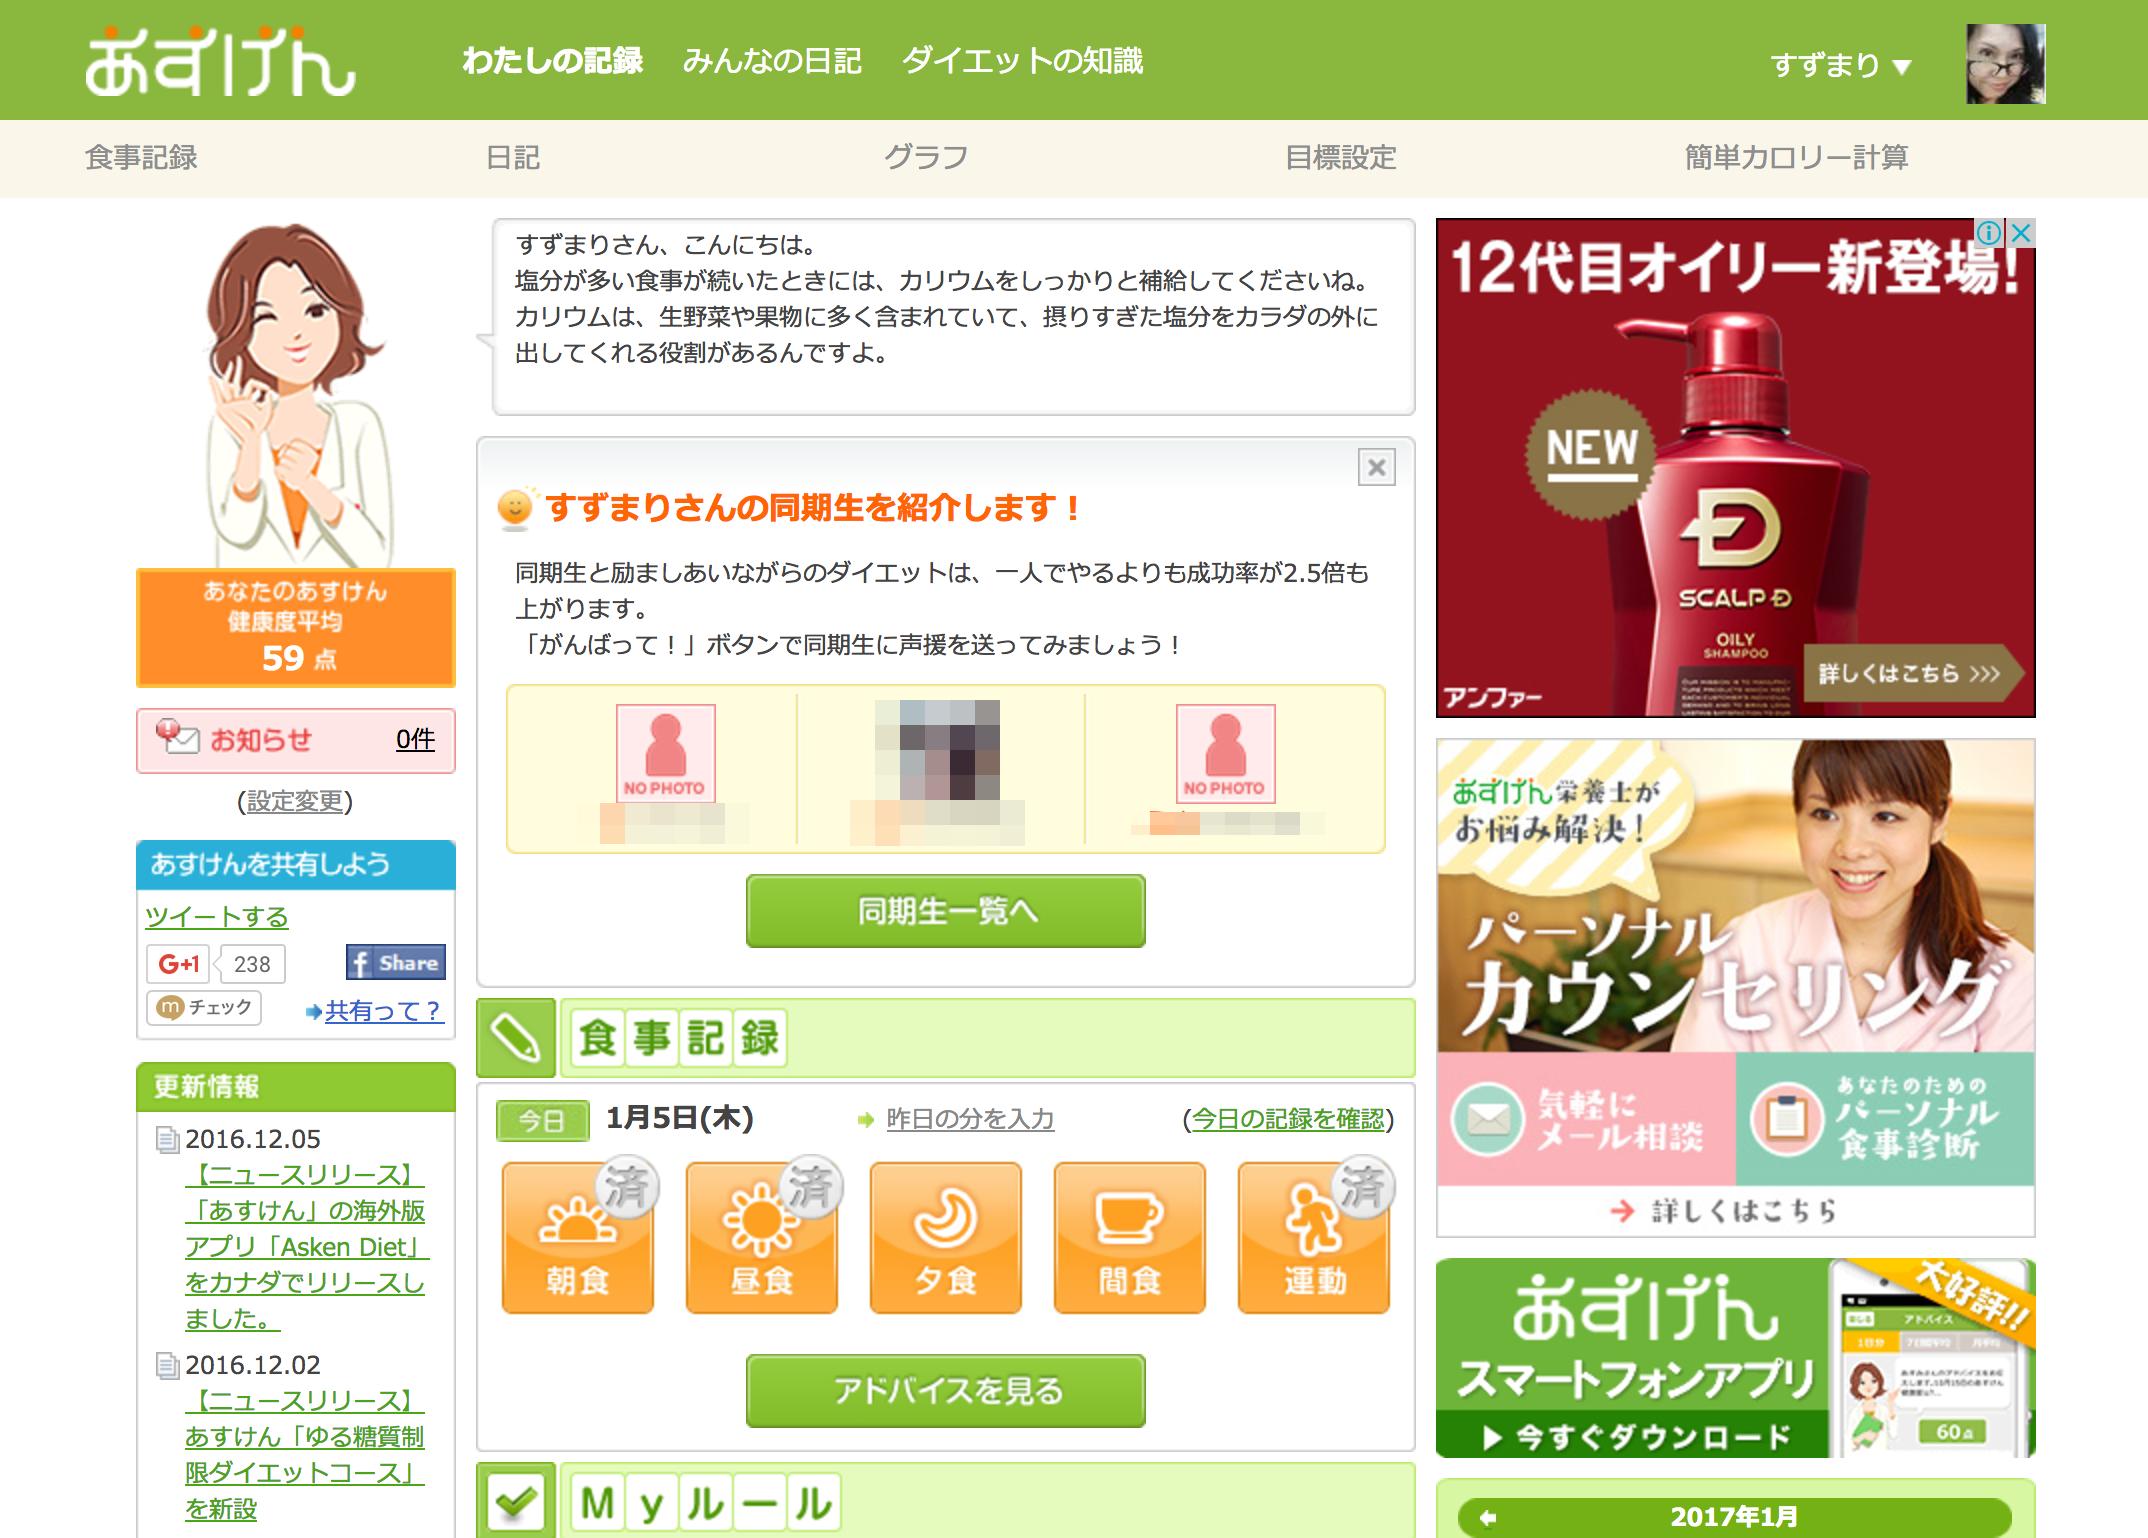 基本サービスの画面